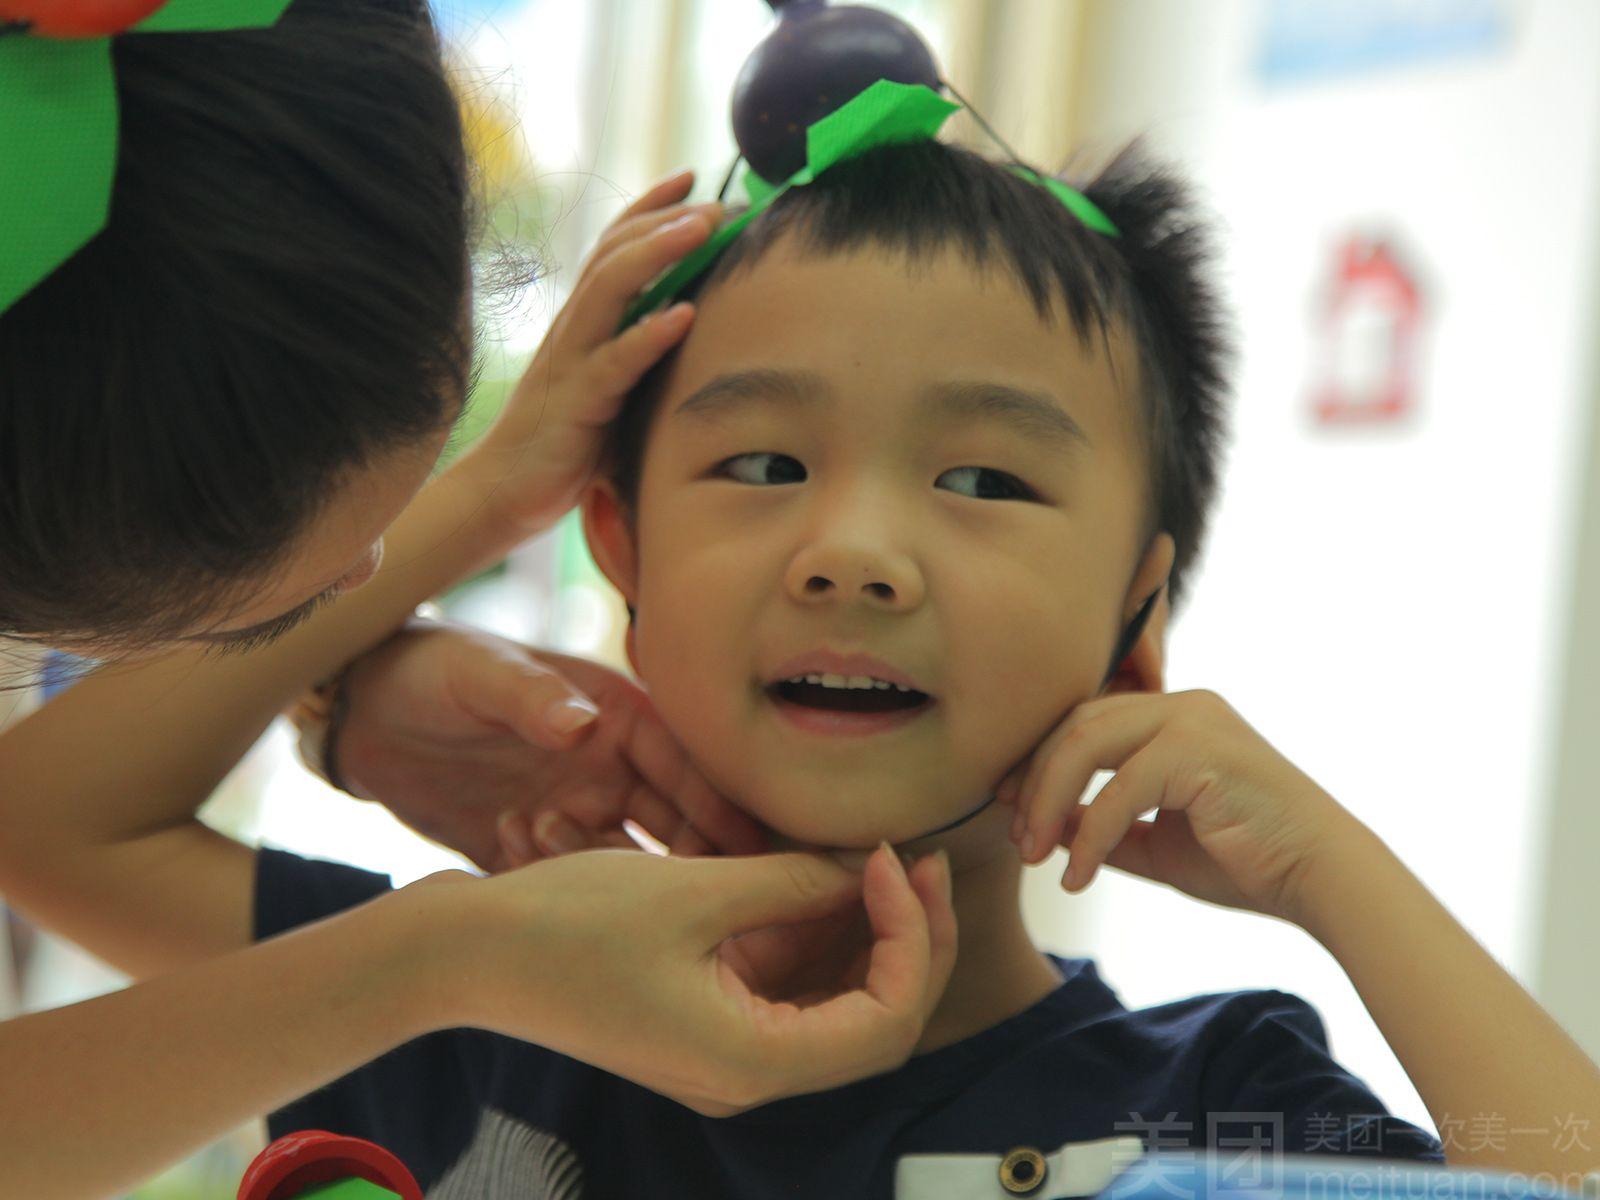 小儿推拿.葫芦娃儿童健康调理中心-美团